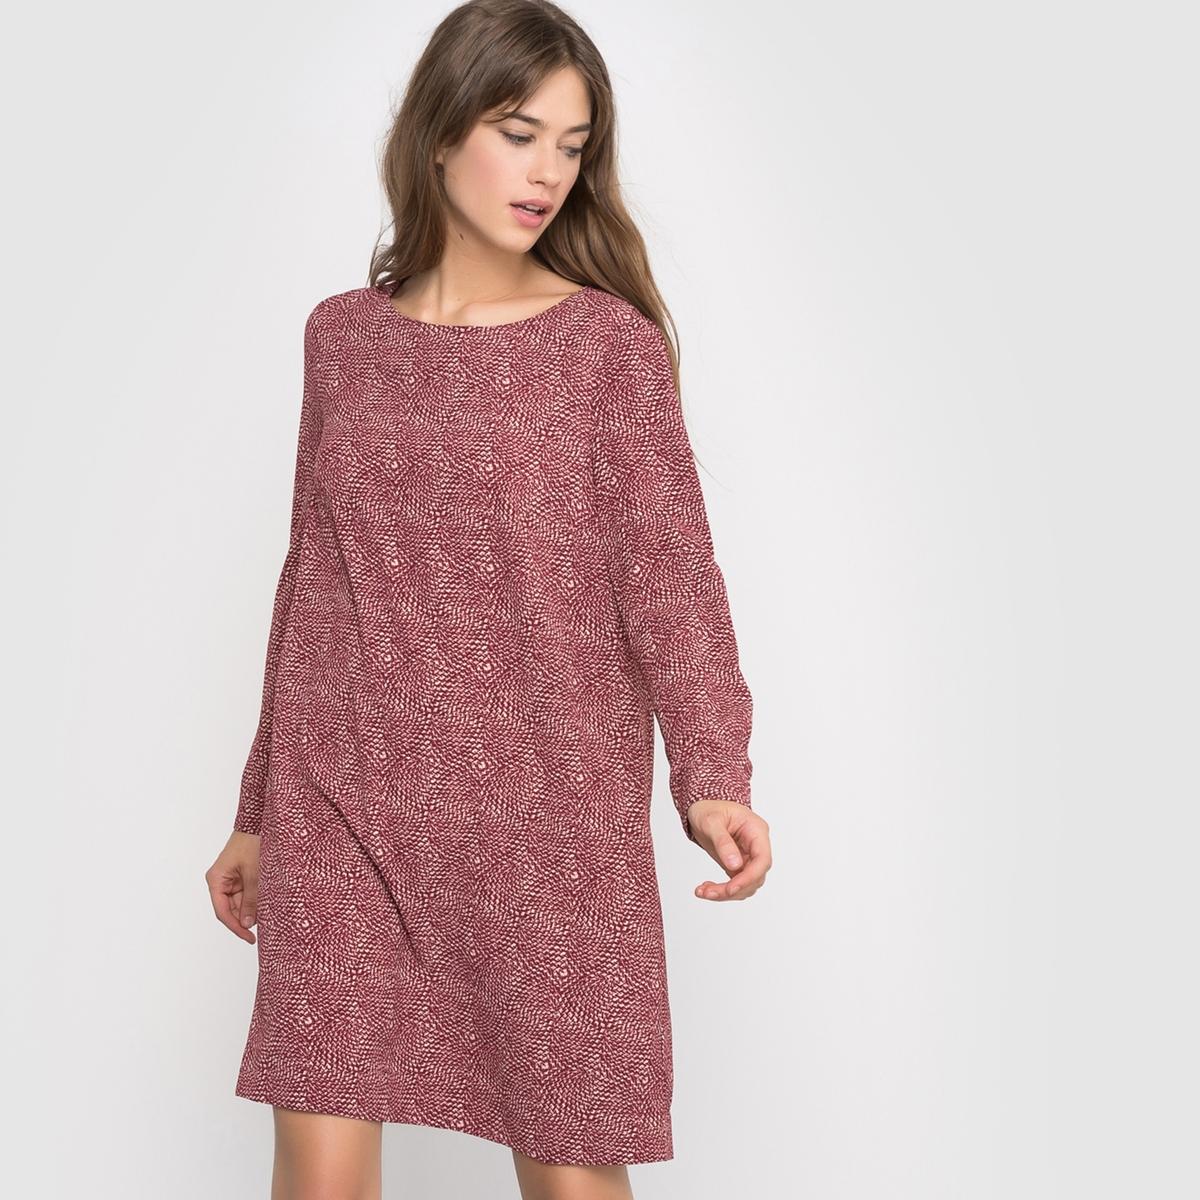 Платье с воланами сзадиПлатье с длинными рукавами R ?dition. Платье слегка расширяющегося к низу покроя с воланом сзади. Оригинальный рисунок. Длина 90 см. Состав и описание :Материал : 96% полиэстера, 4% эластанаМарка :      R ?ditionДлина : 90 смУходМашинная стирка при 30 °С с вещами схожих цветов Стирать и гладить с изнаночной стороныГладить при низкой температуре<br><br>Цвет: набивной рисунок